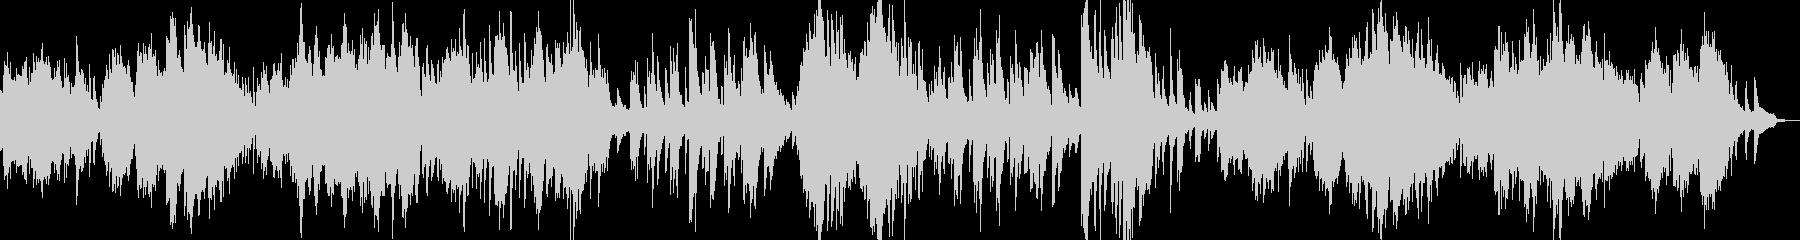 【ピアノソロ演奏】アラベスク第1番の未再生の波形